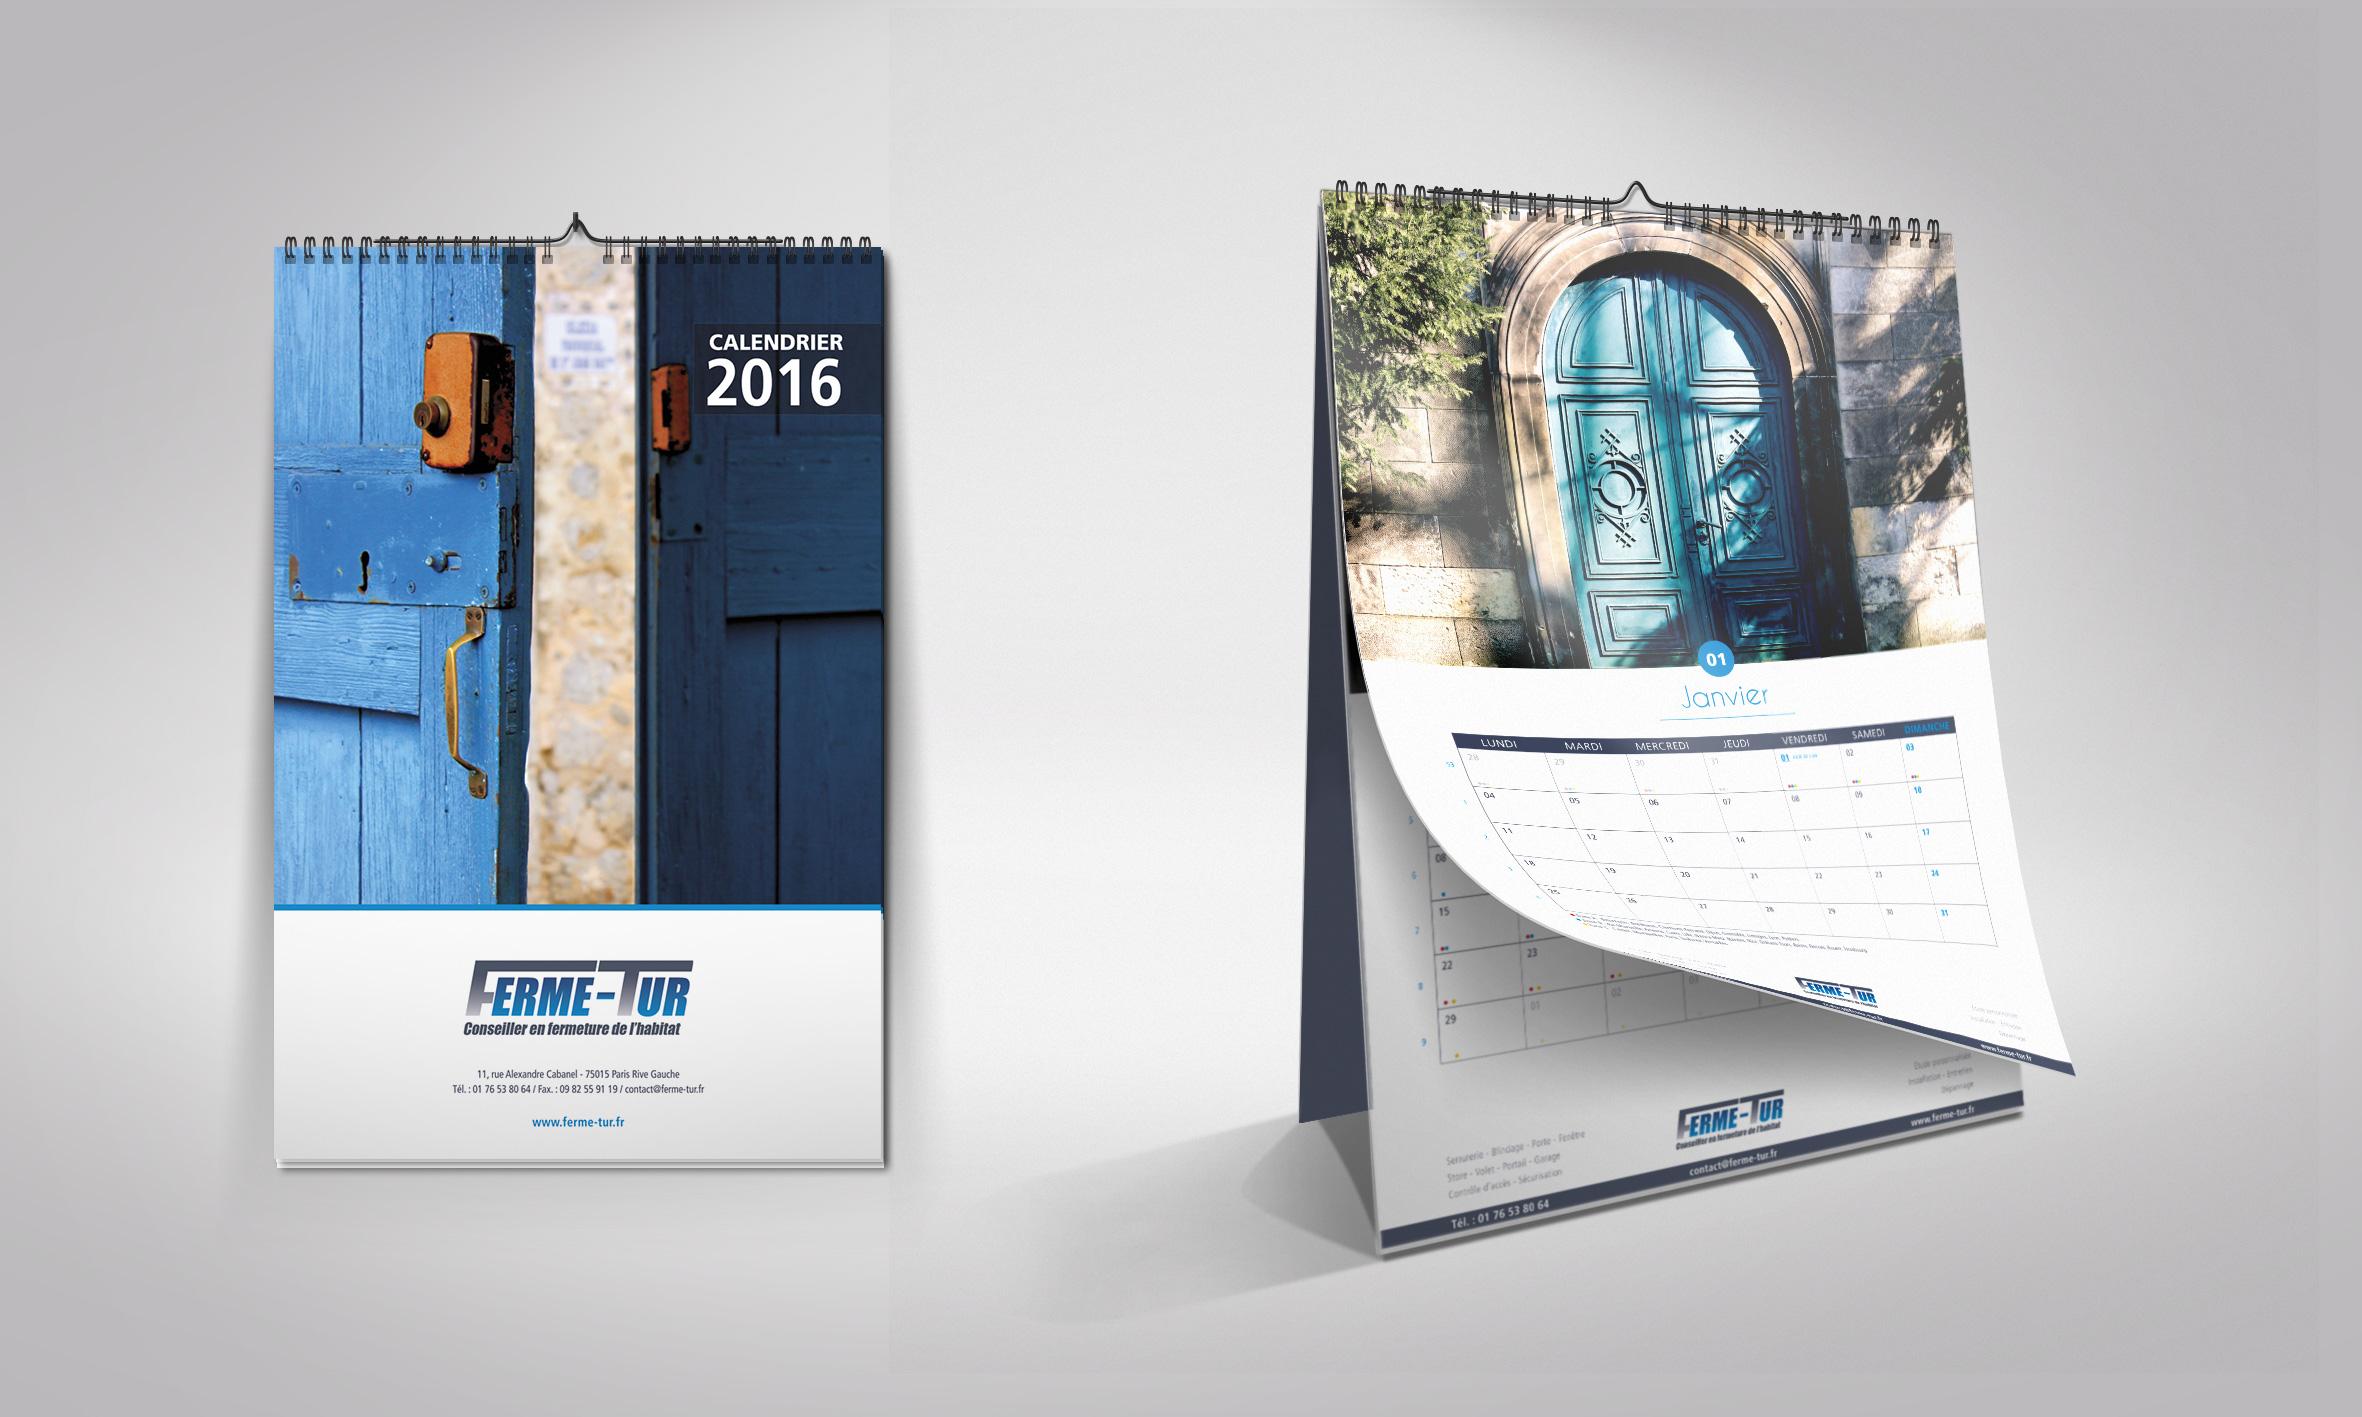 Le calendrier 2016 de Ferme-Tur est arrivé